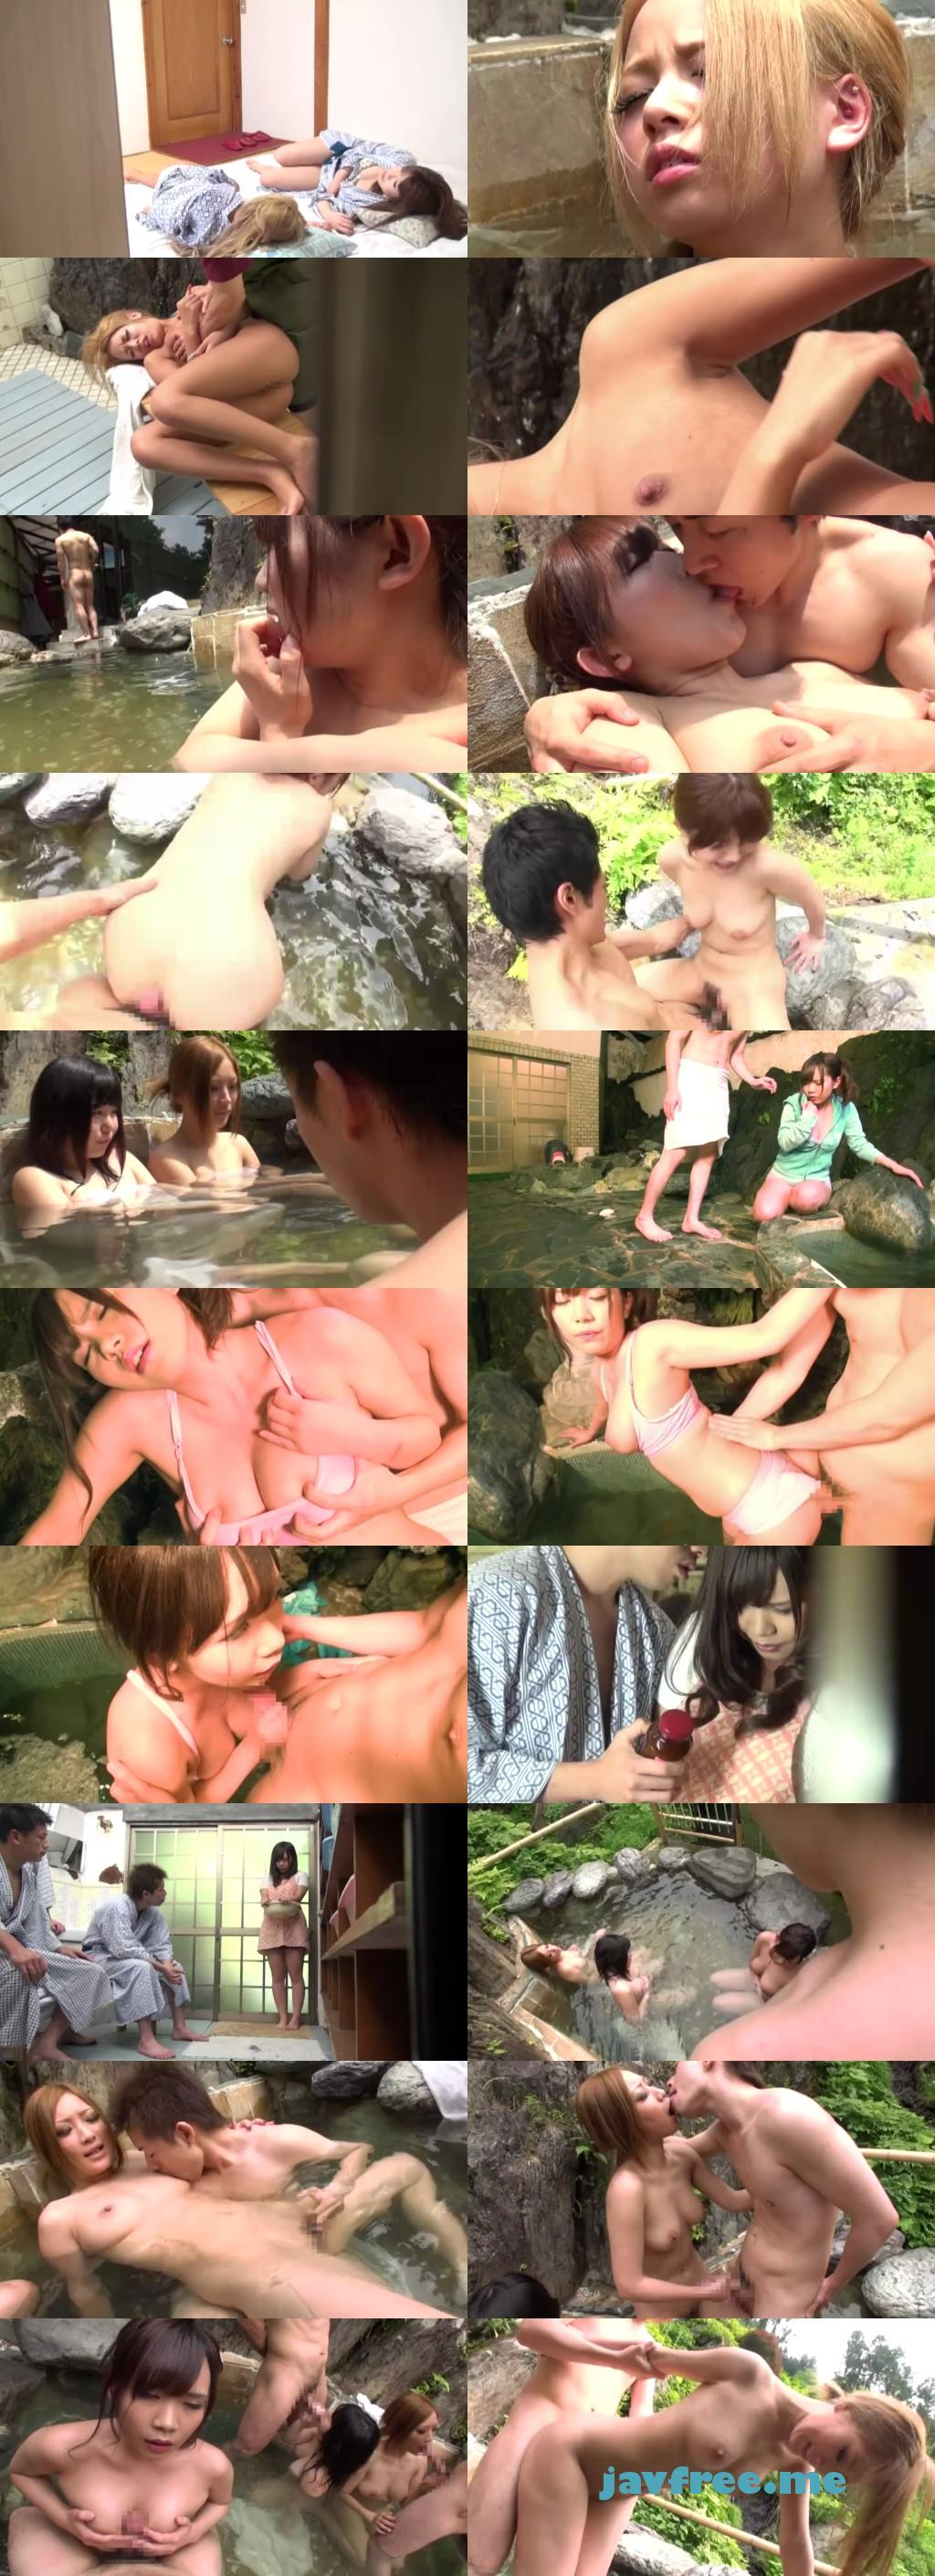 [SW-133] 女性客で満員の混浴温泉に媚薬をこっそり溶かし込んだら、モテない俺でもヤリ放題 - image  on https://javfree.me